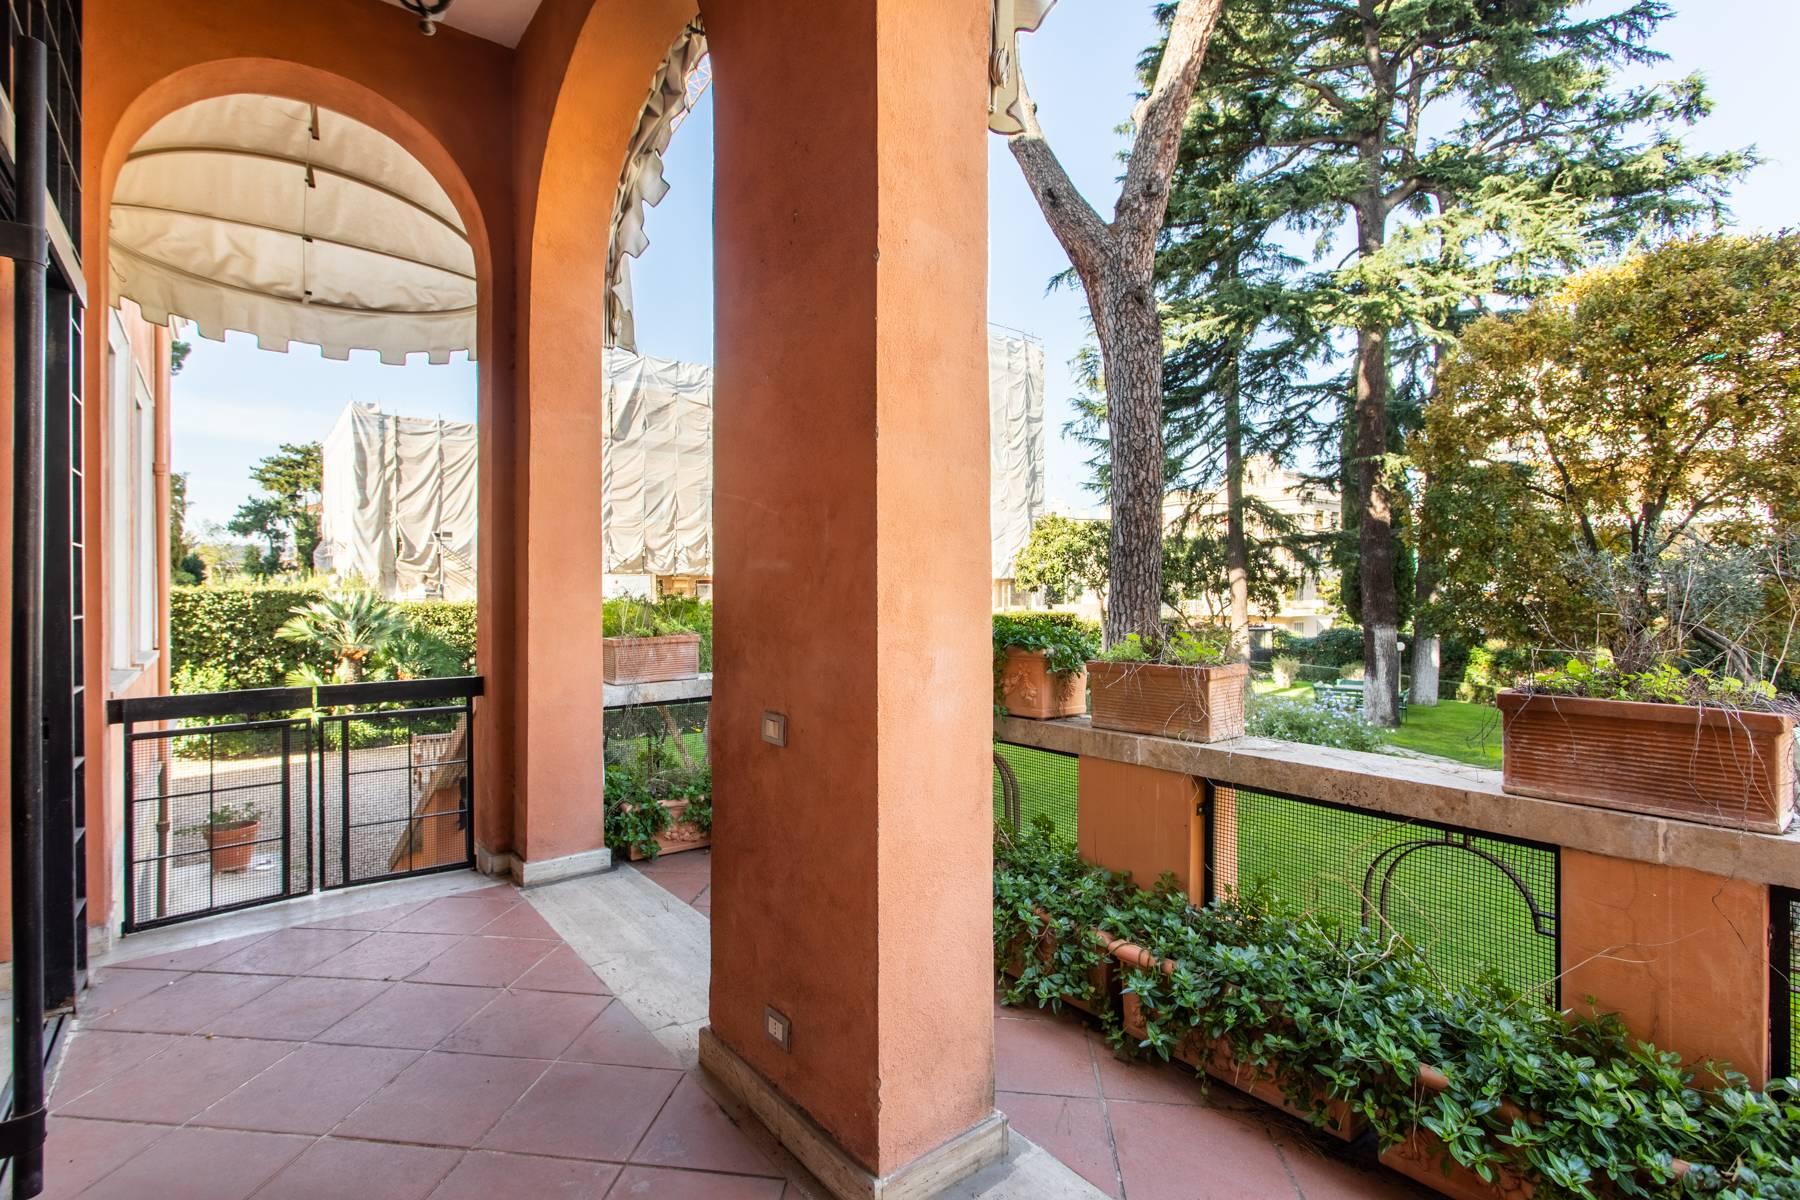 Appartamento in Vendita a Roma 02 Parioli / Pinciano / Flaminio: 5 locali, 253 mq